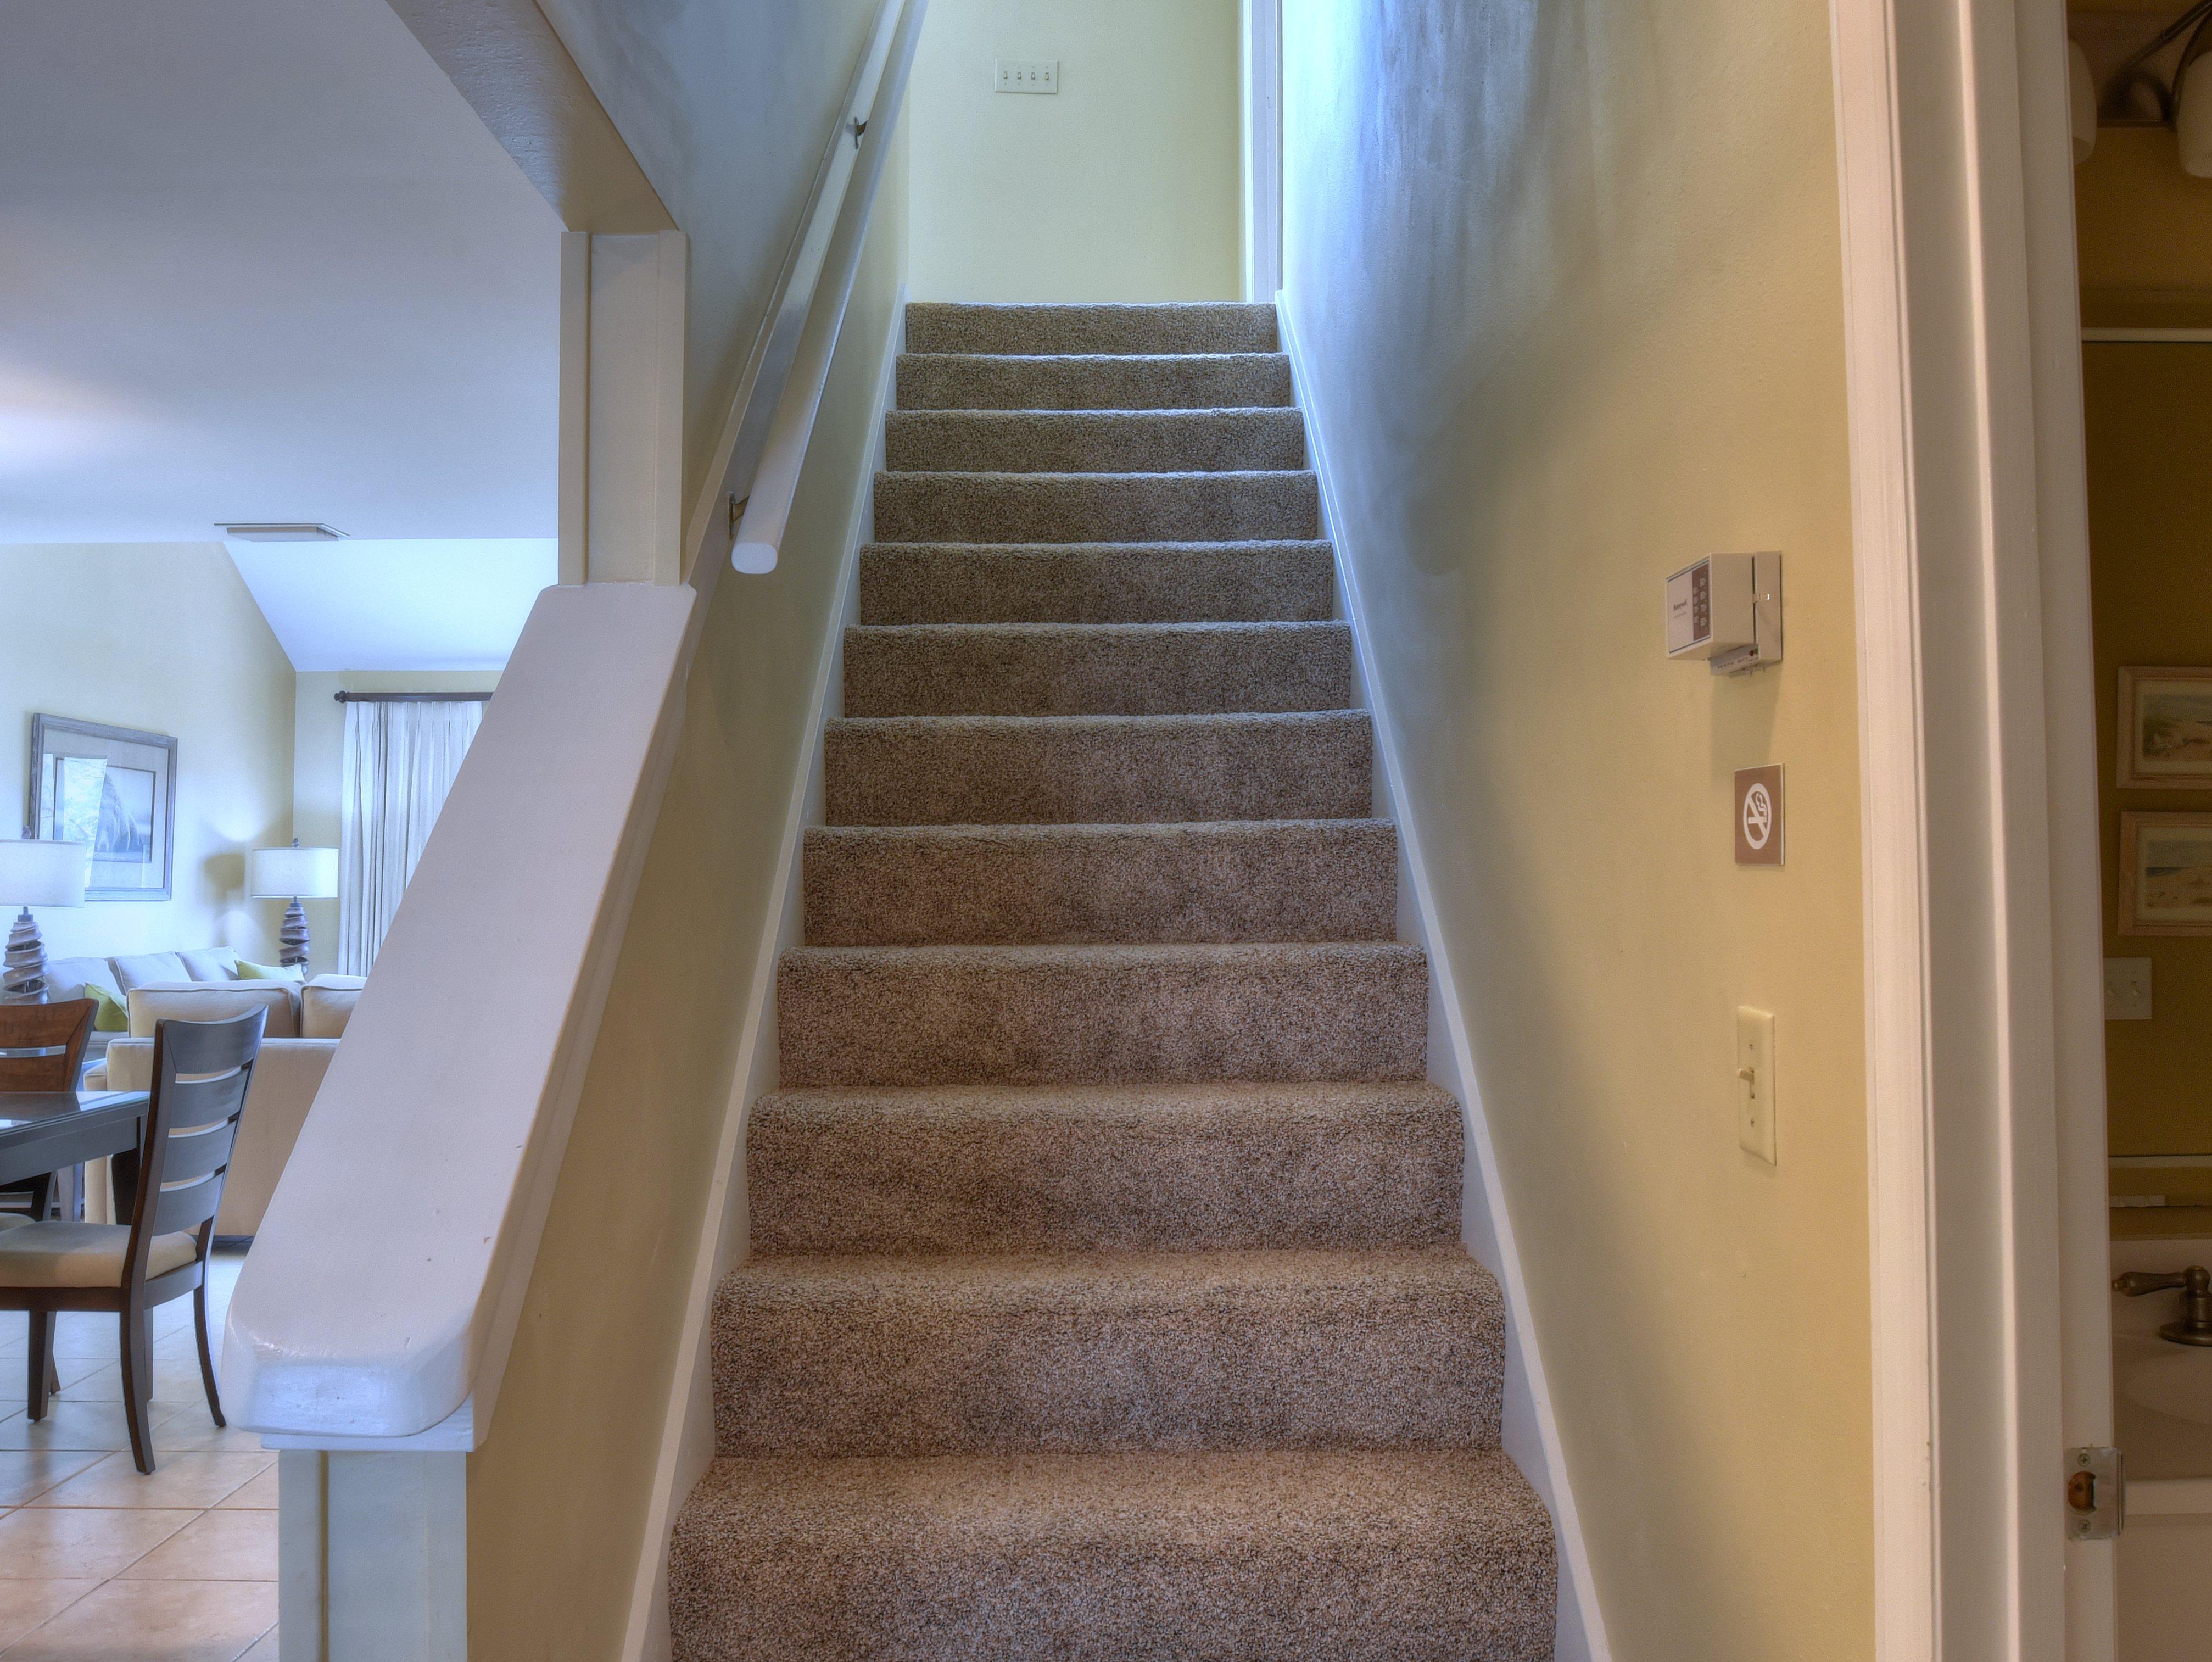 285 Fairways Condo rental in Sandestin Rentals ~ Cottages and Villas  in Destin Florida - #18